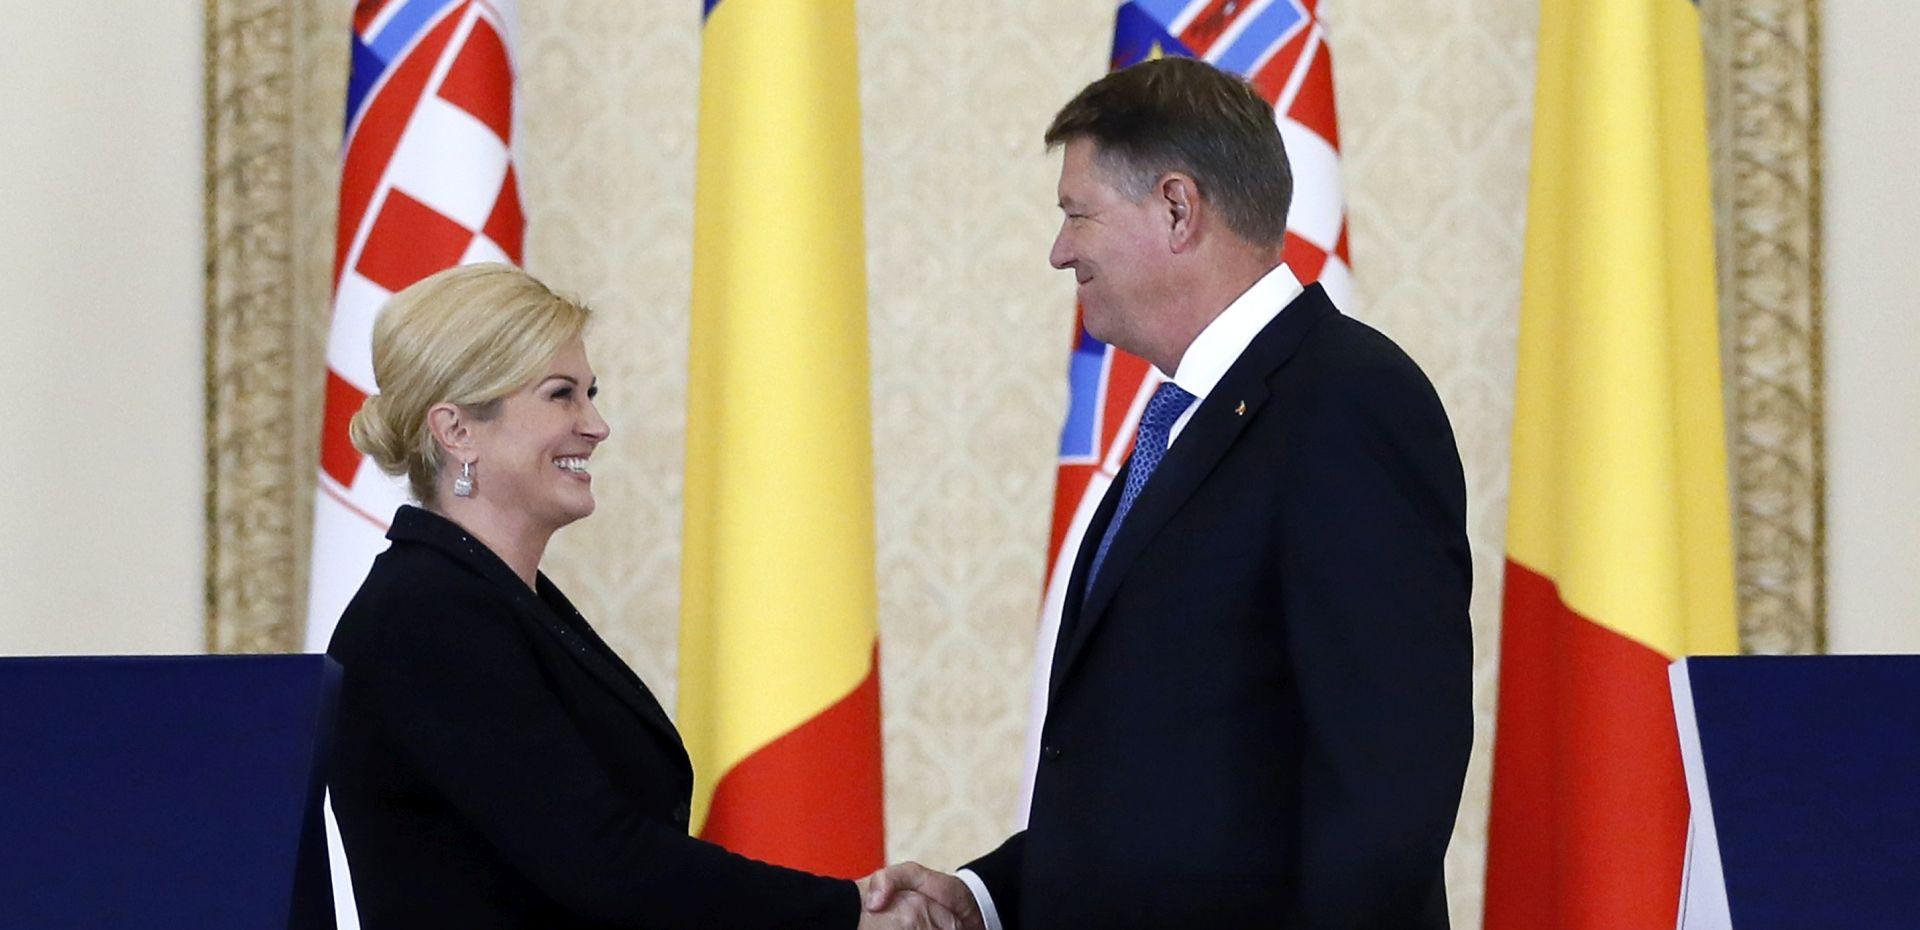 Hrvatska predsjednica Grabar-Kitarović i rumunjski predsjednik Iohannis protiv Europe više brzina